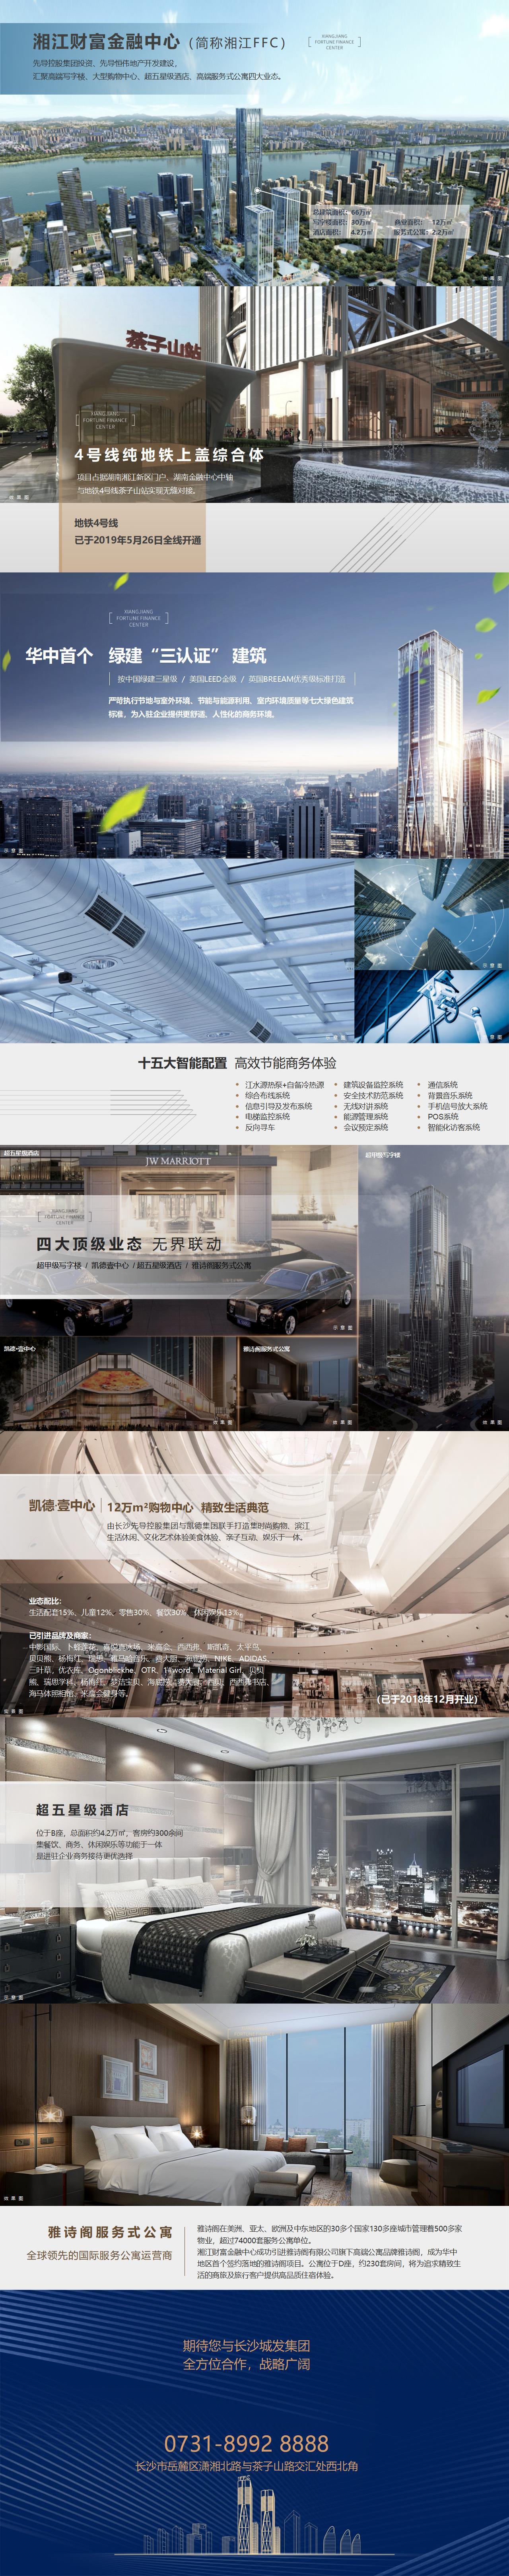 湘江财富金融中心(1).jpg